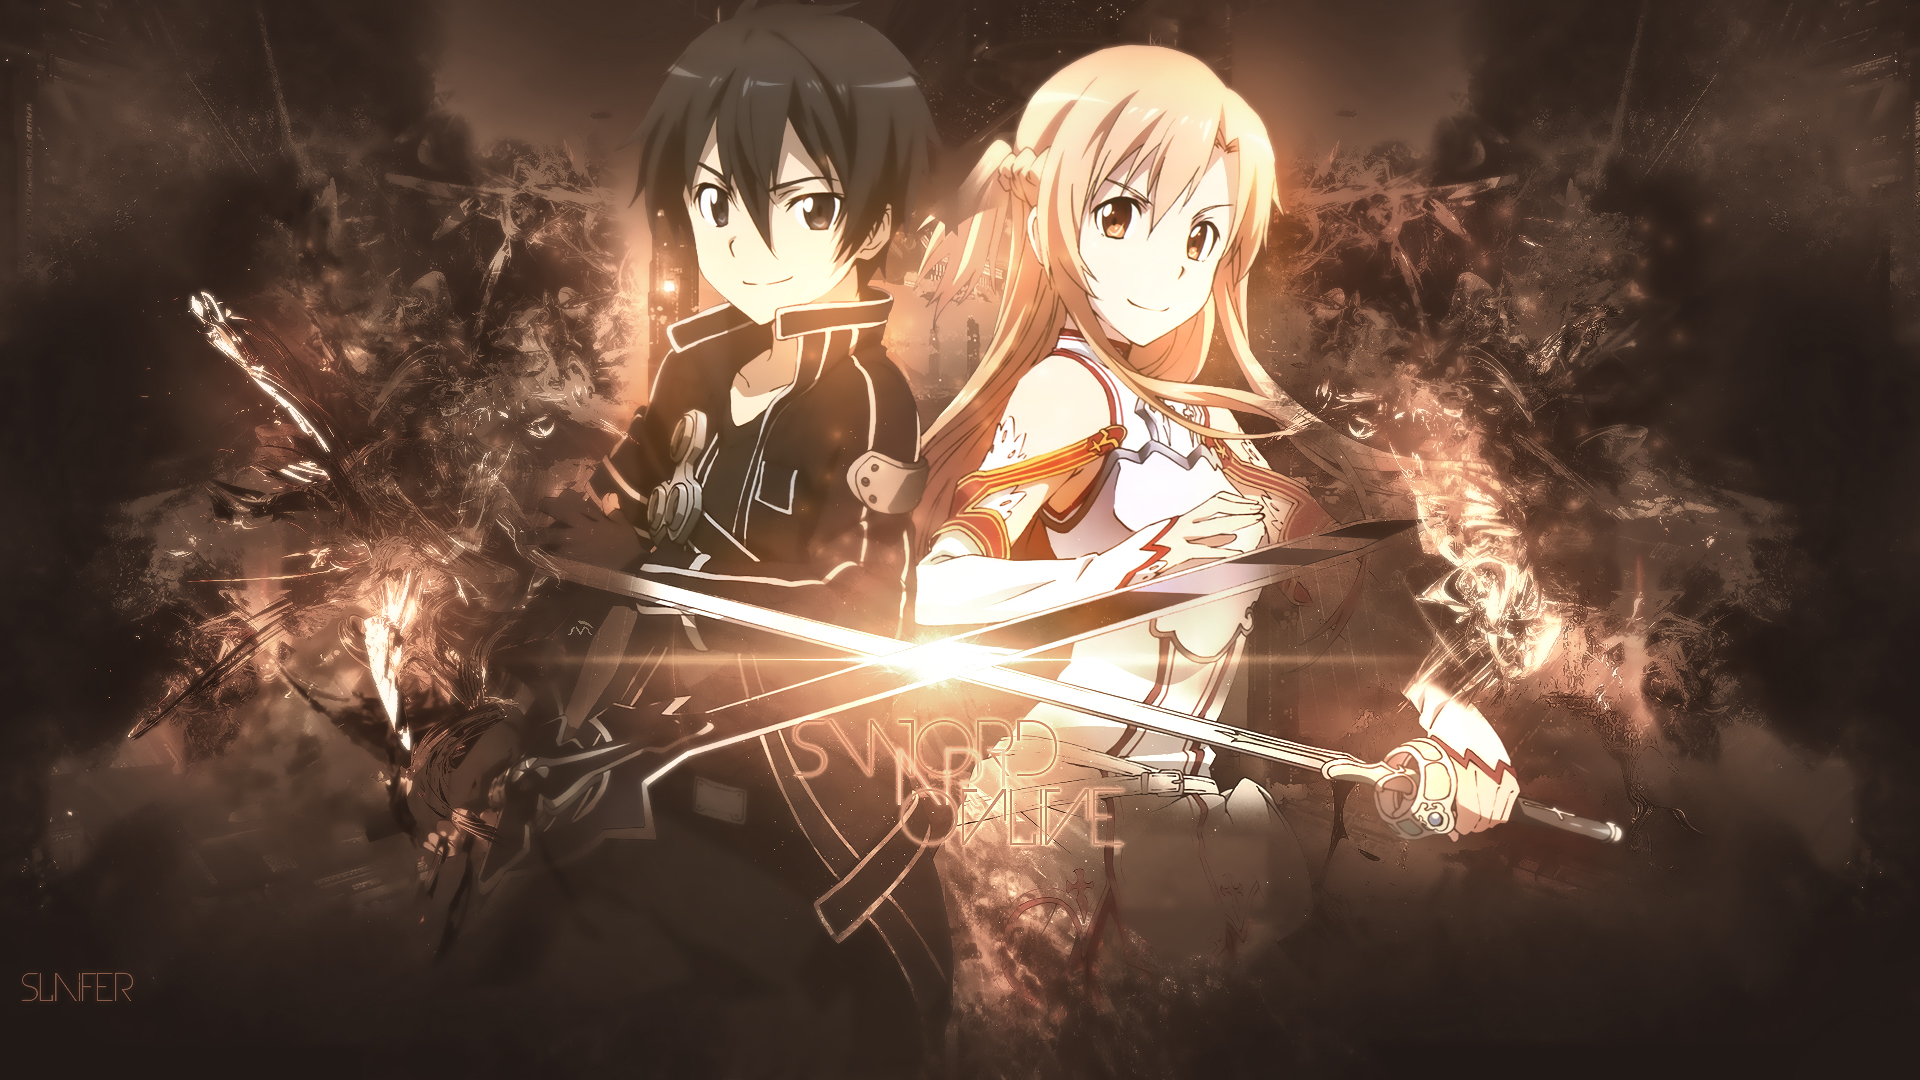 Fondos de pantalla Kirito y Asuna Sword Art Online